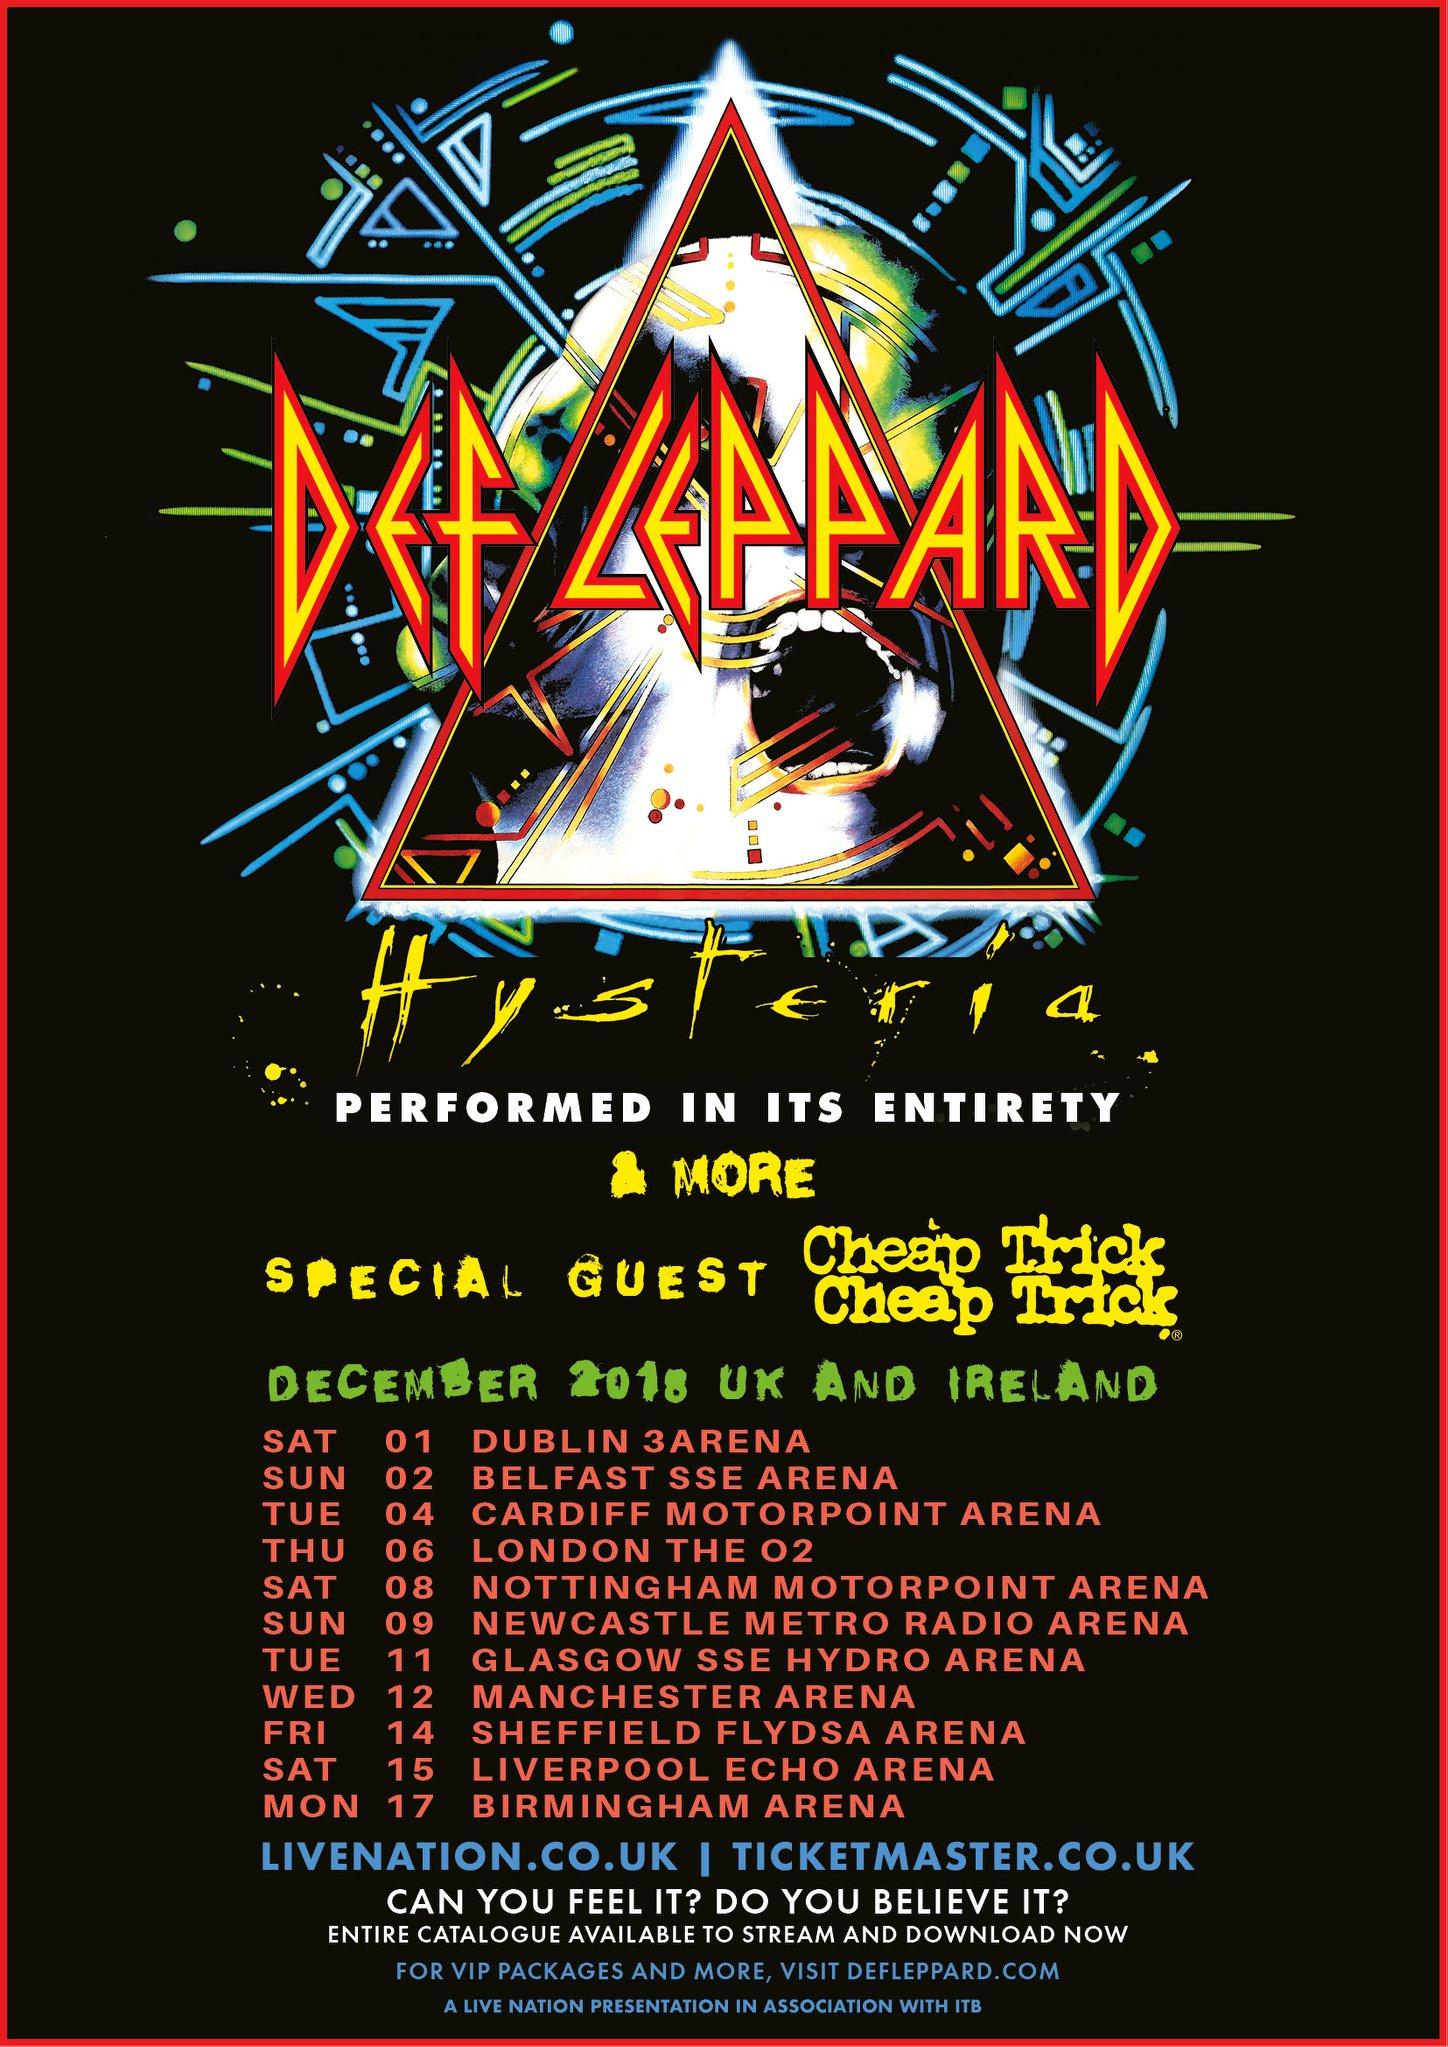 Def Leppard dates